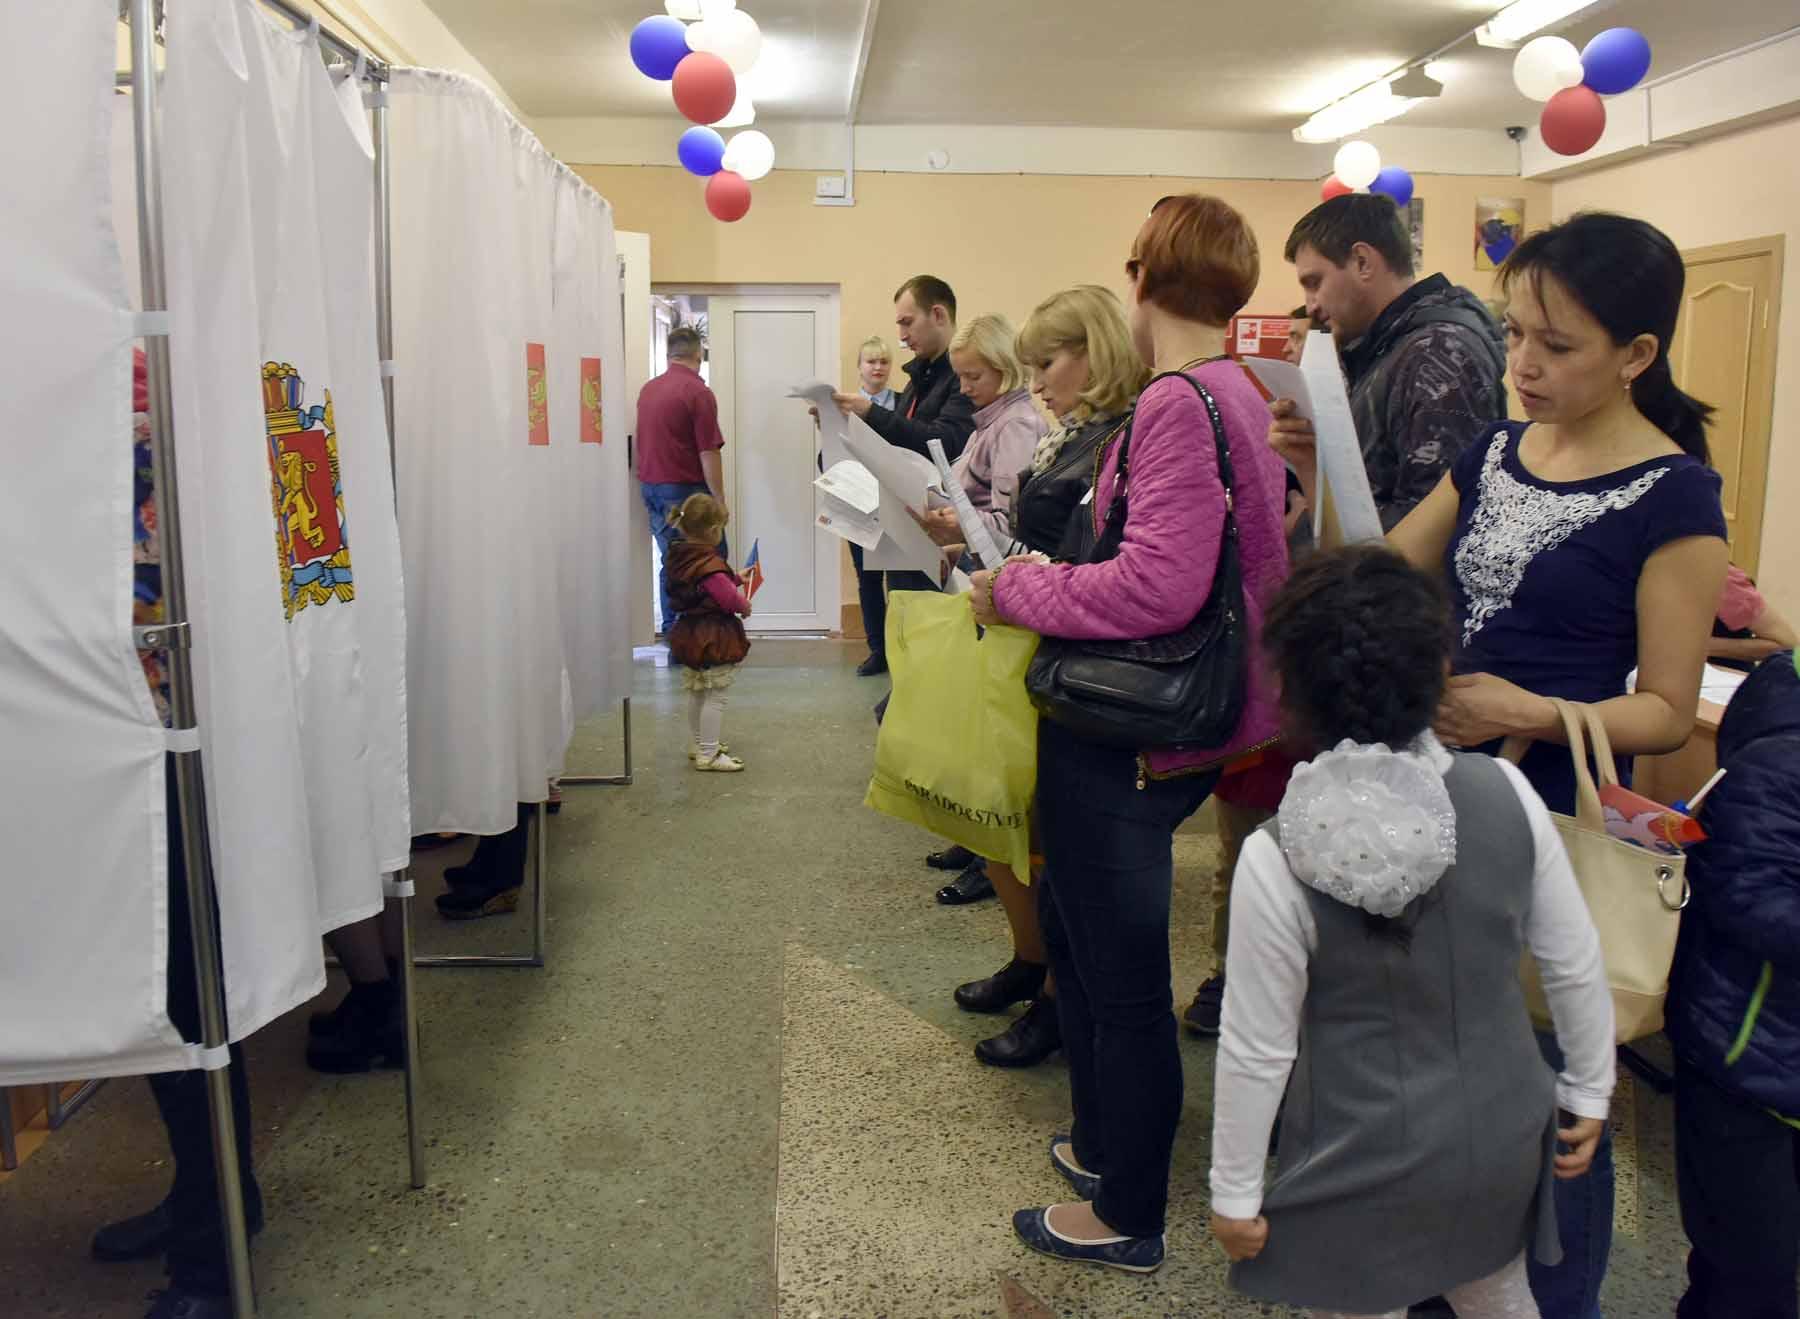 Явка на выборах 18 сентября в Норильске составила около 30%